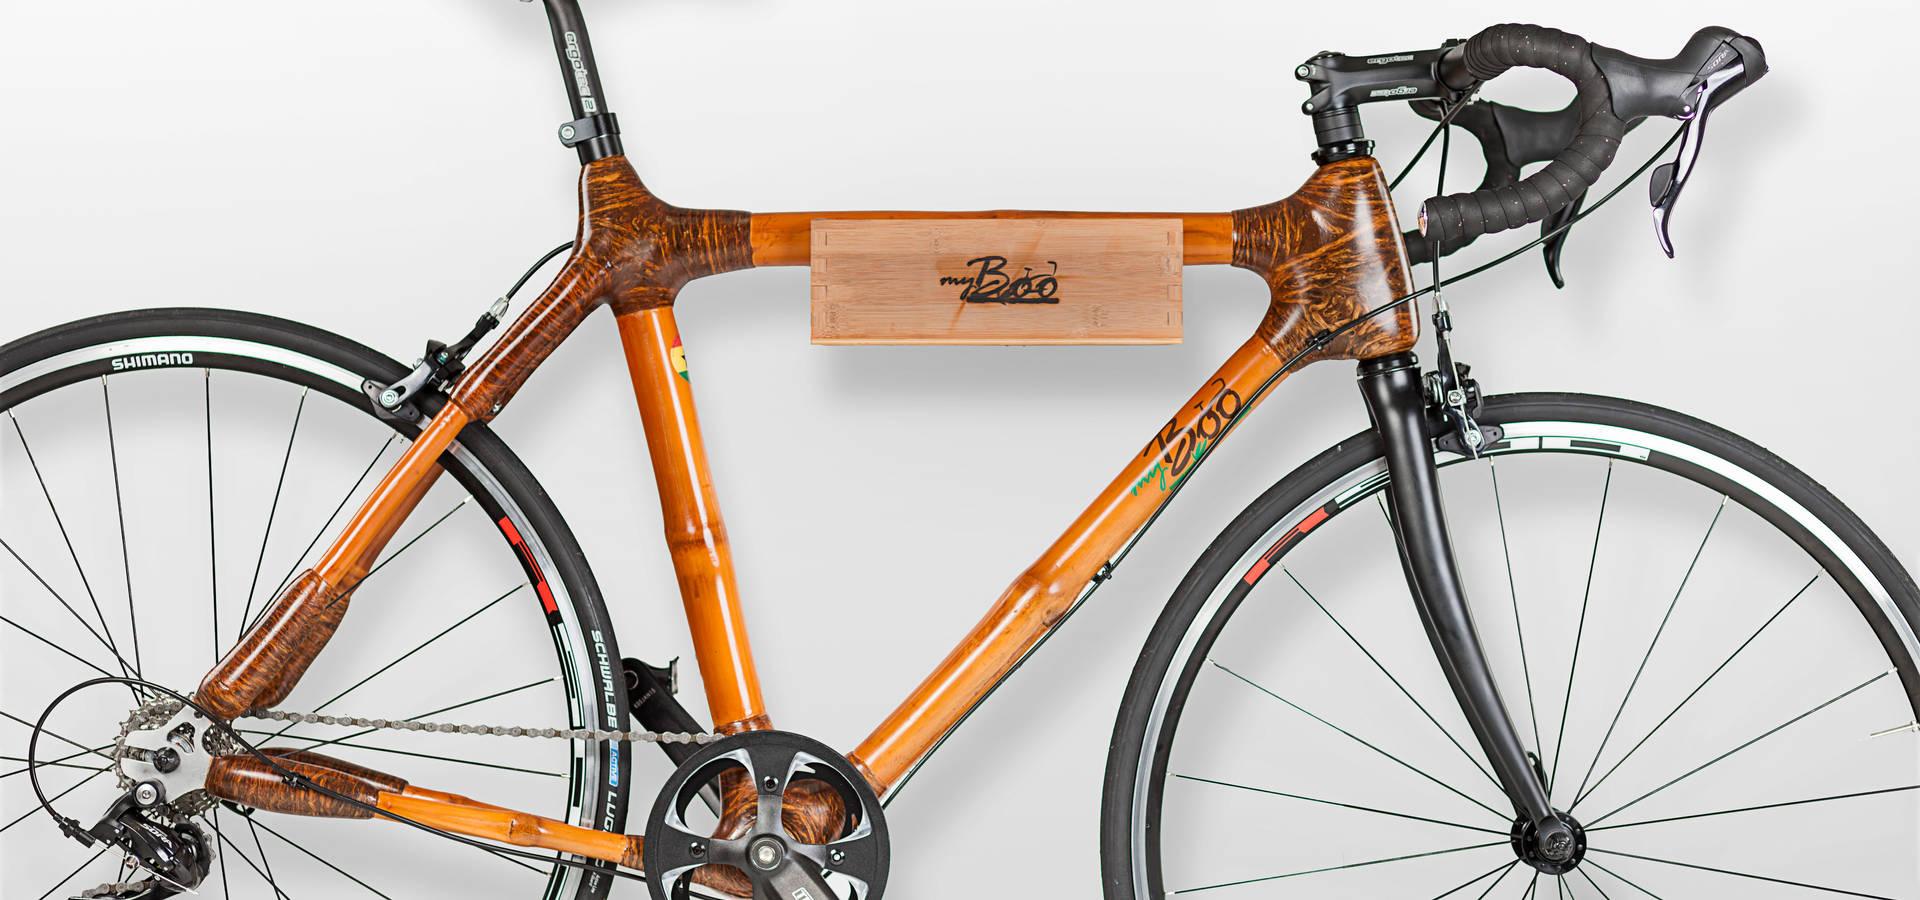 my Boo Bambusfahrräder: Eco-Design in Kiel | homify